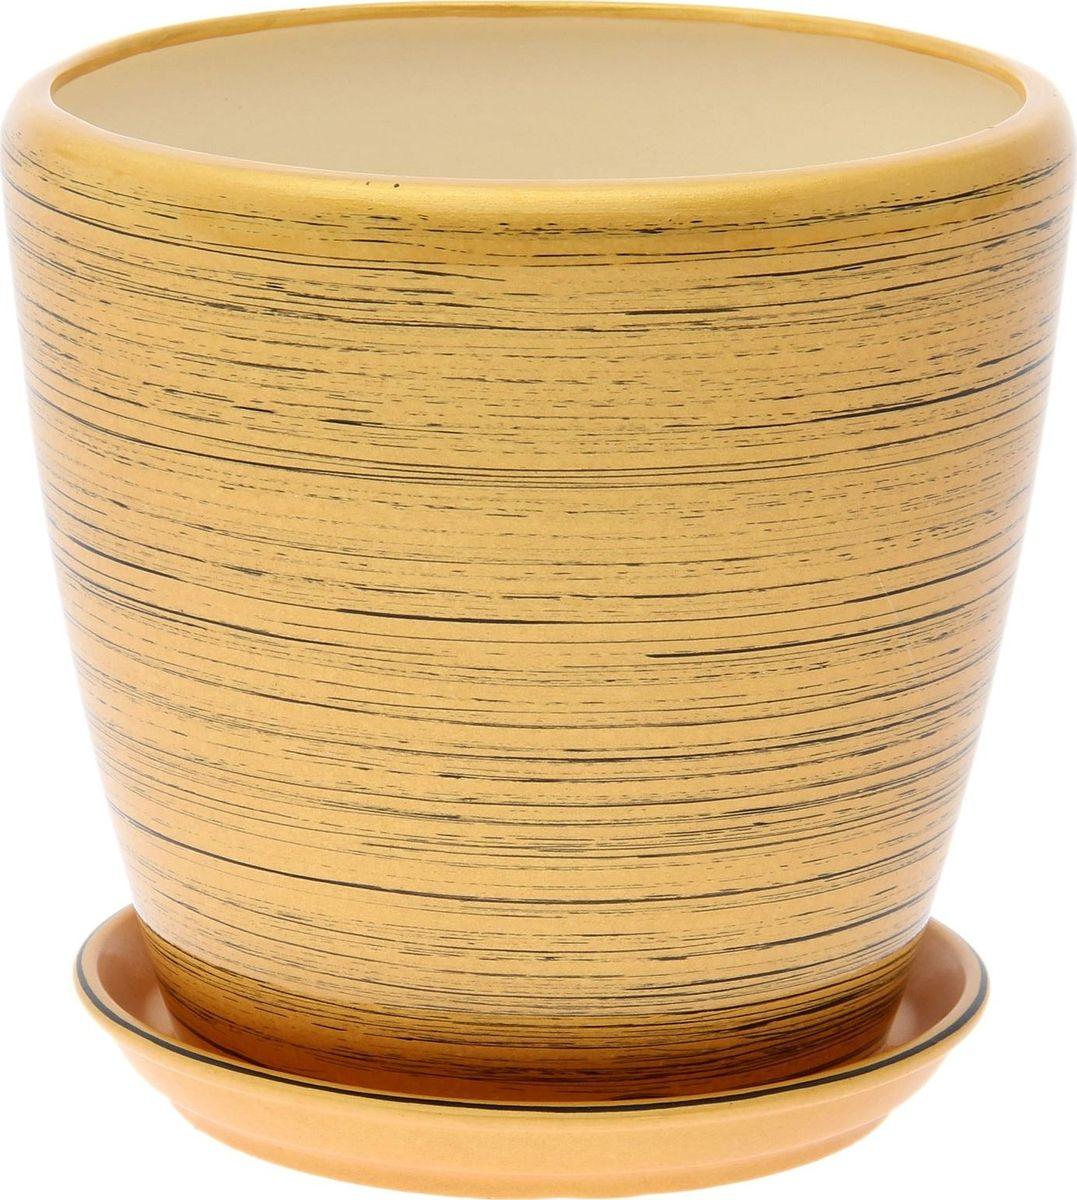 Кашпо Керамика ручной работы Грация. Глянец, цвет: золотой, черный, 1,2 л1489665Комнатные растения — всеобщие любимцы. Они радуют глаз, насыщают помещение кислородом и украшают пространство. Каждому из них необходим свой удобный и красивый дом. Кашпо из керамики прекрасно подходят для высадки растений: за счёт пластичности глины и разных способов обработки существует великое множество форм и дизайновпористый материал позволяет испаряться лишней влагевоздух, необходимый для дыхания корней, проникает сквозь керамические стенки! #name# позаботится о зелёном питомце, освежит интерьер и подчеркнёт его стиль.